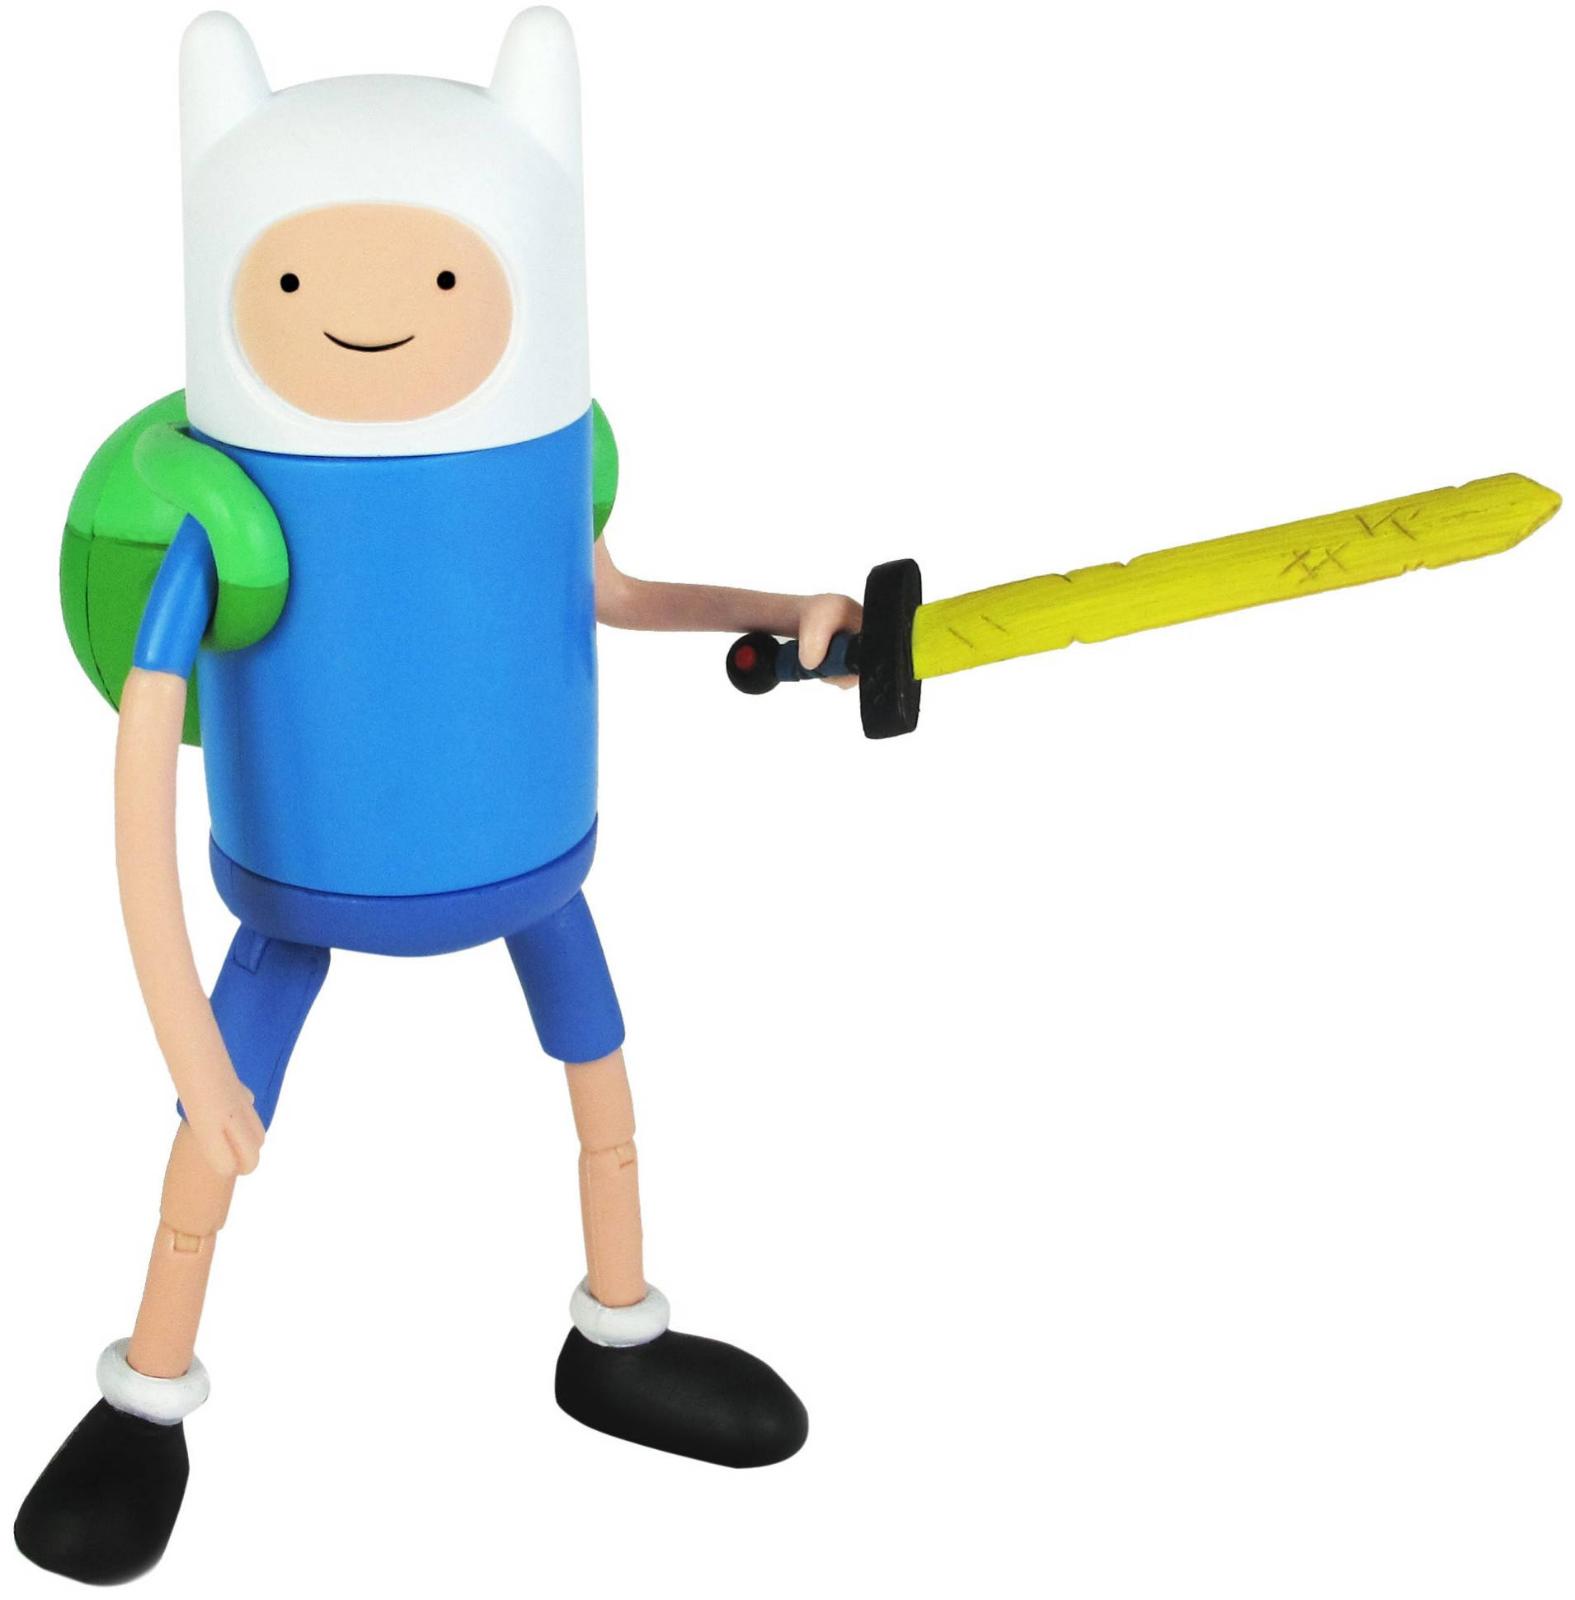 Фигурка Время приключений FinnКоллекция героев мультсериала Adventure Time. Фигурка из пластика 14 см. Финн (Finn ) – главный герой сериала представитель человеческой расы в мультфильме.